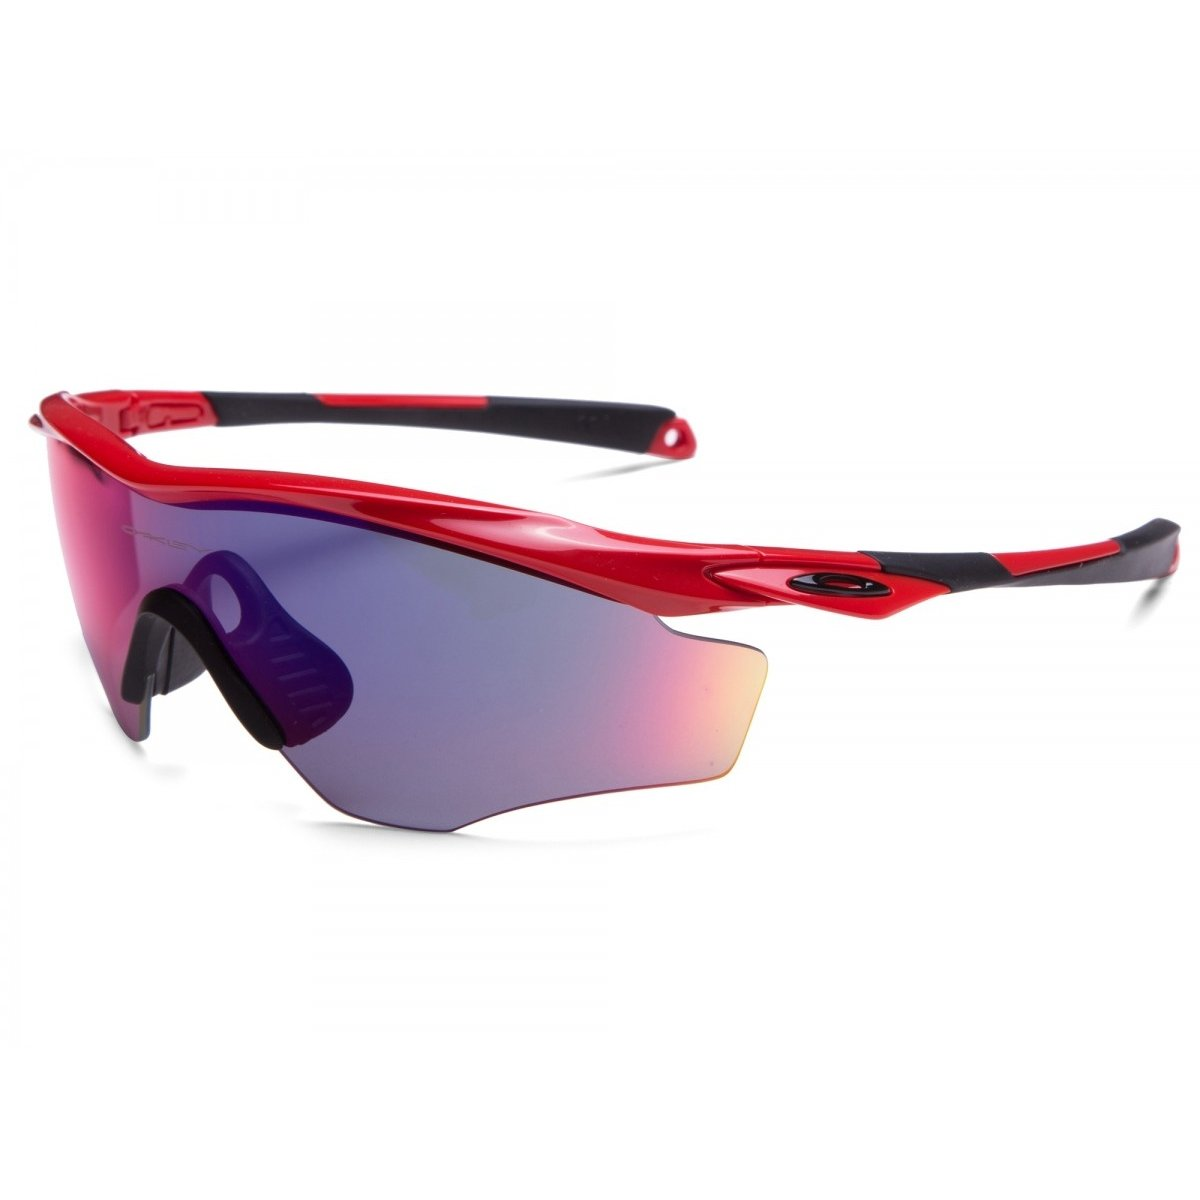 bc8620003f08b Óculos Oakley M2 Frame Xl Redline Redird - Compre Agora   Netshoes